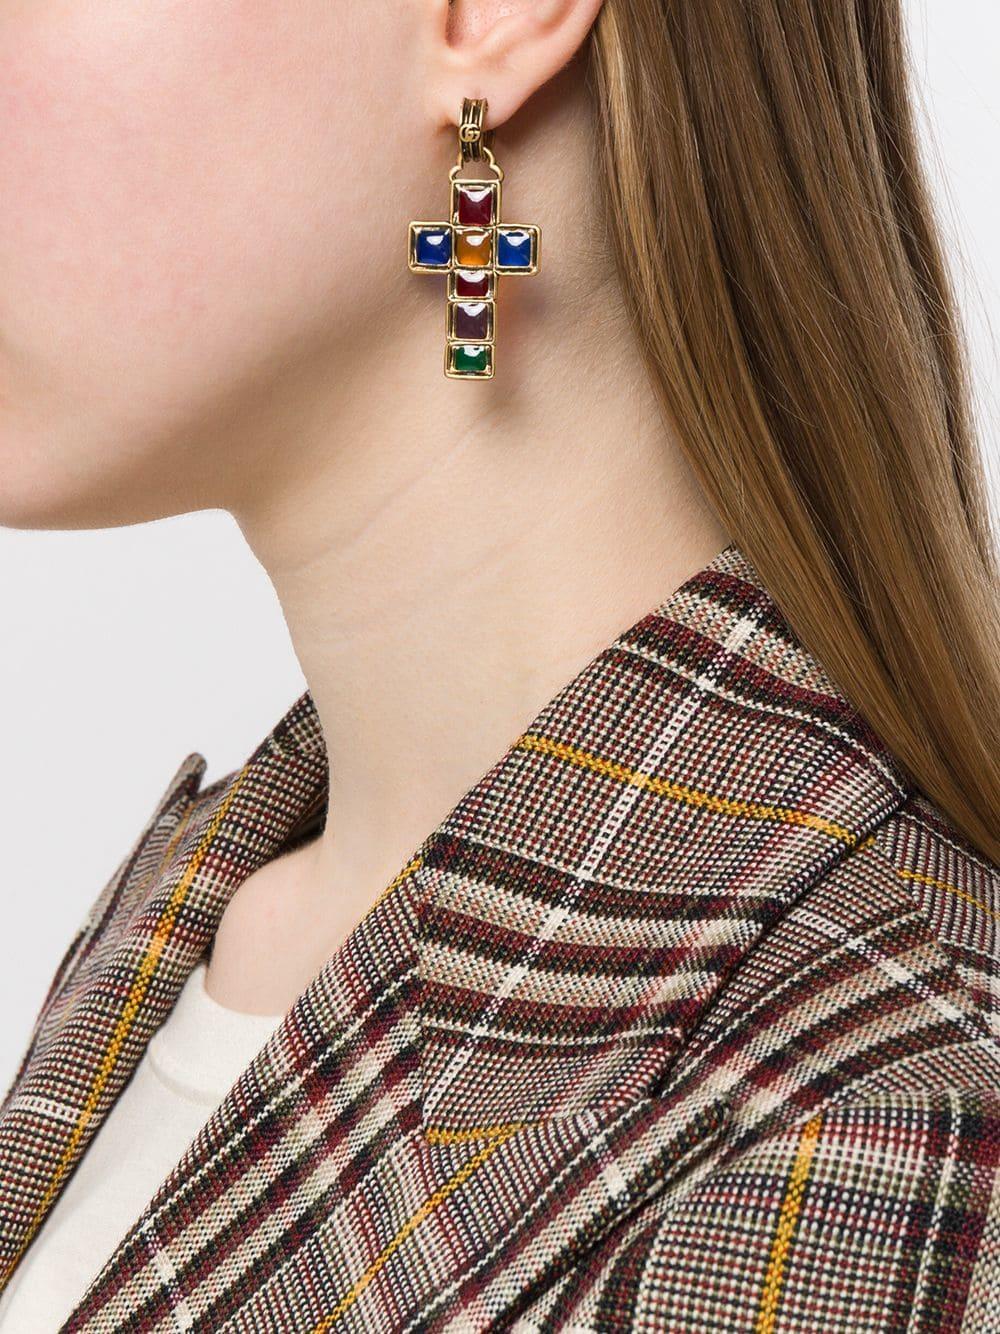 fd4e67d1001 Lyst - Gucci Asymmetric Cross Earrings in Metallic